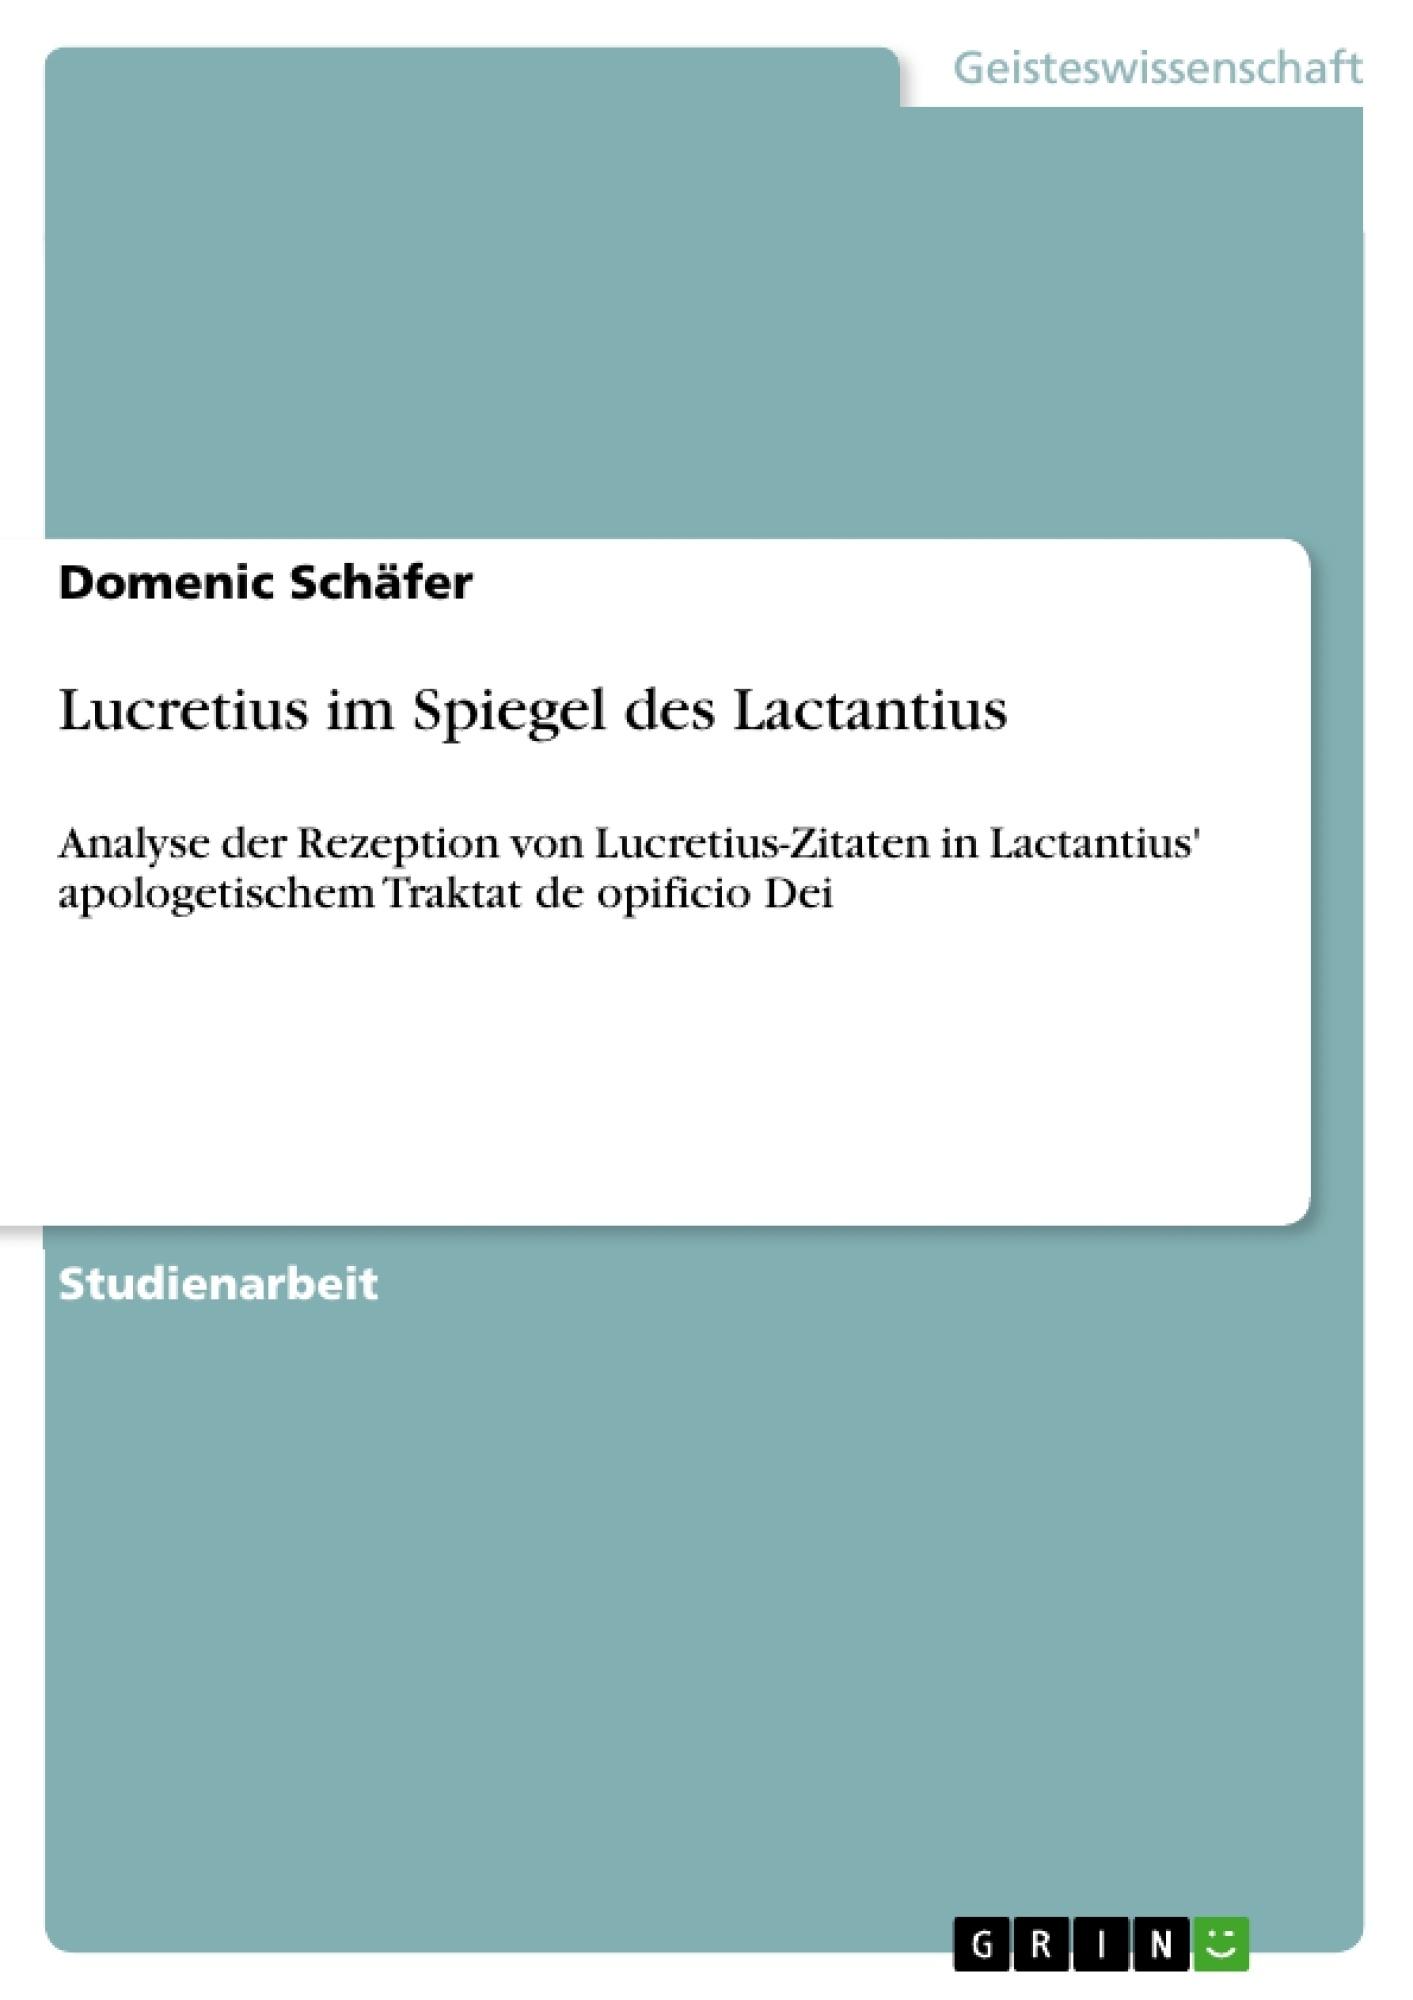 Titel: Lucretius im Spiegel des Lactantius